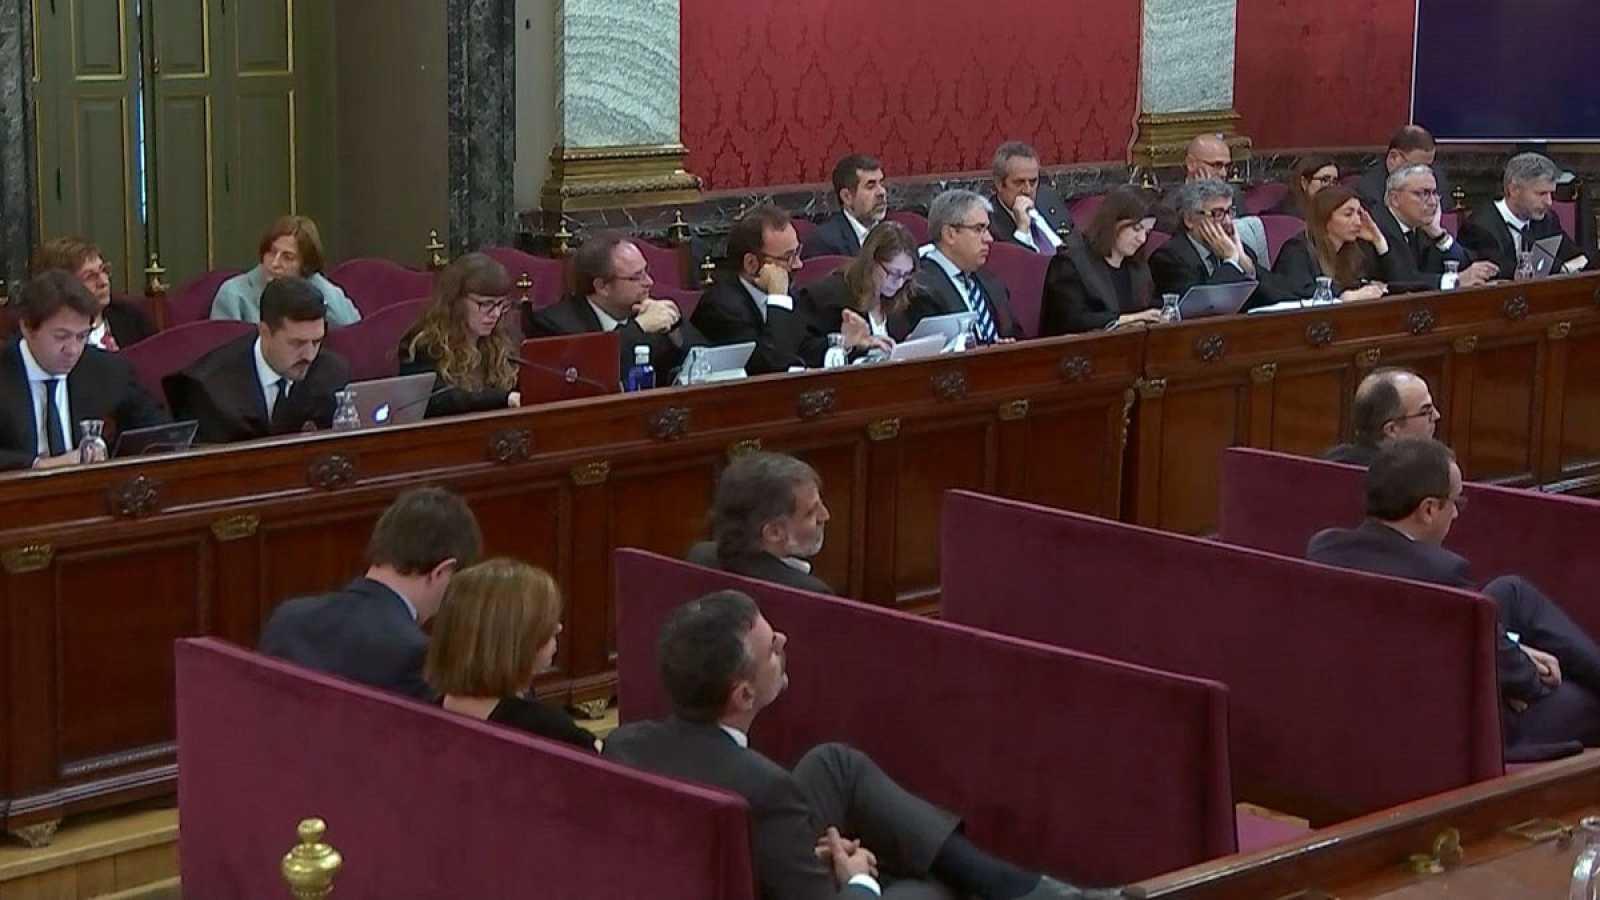 El jefe de Información de la Policía en Cataluña declara que fueron espiados por los mossos